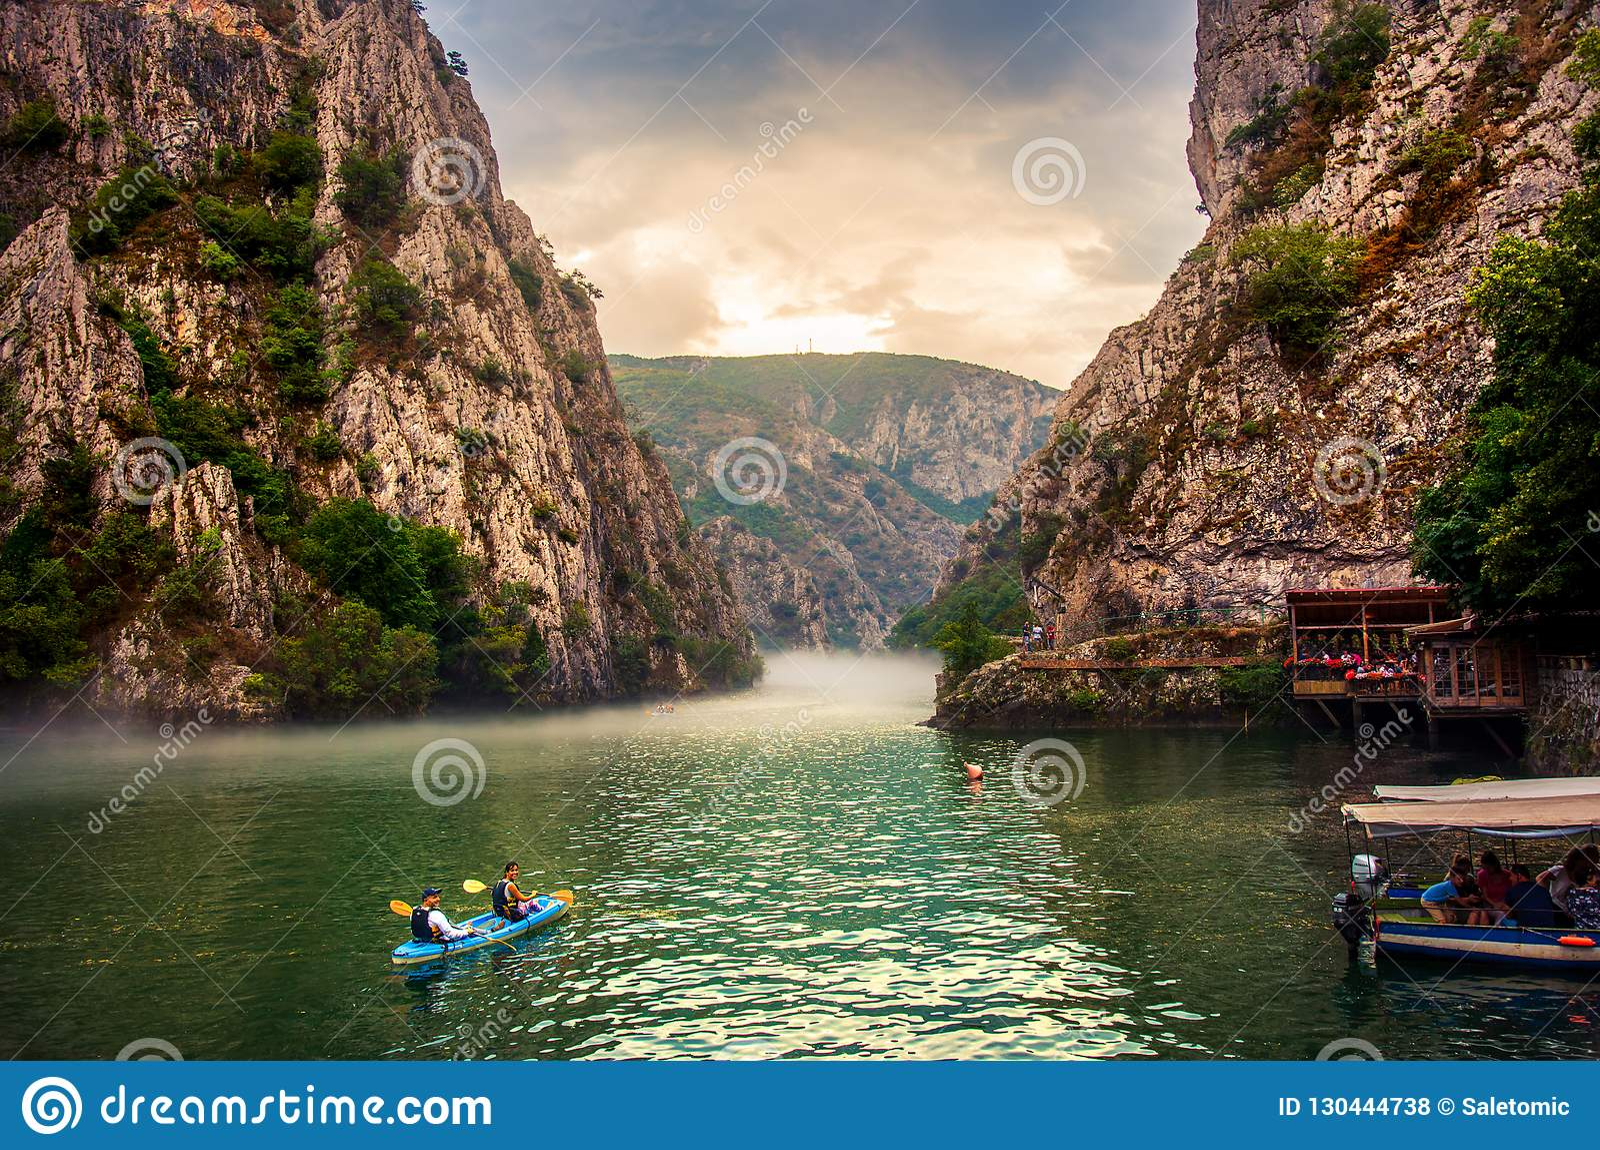 Matka, Mazedonien - 26. August 2018: Schlucht Matka nahe Skopje mit den Leuten, die nebelige Landschaft Kayak fahren und überrasc